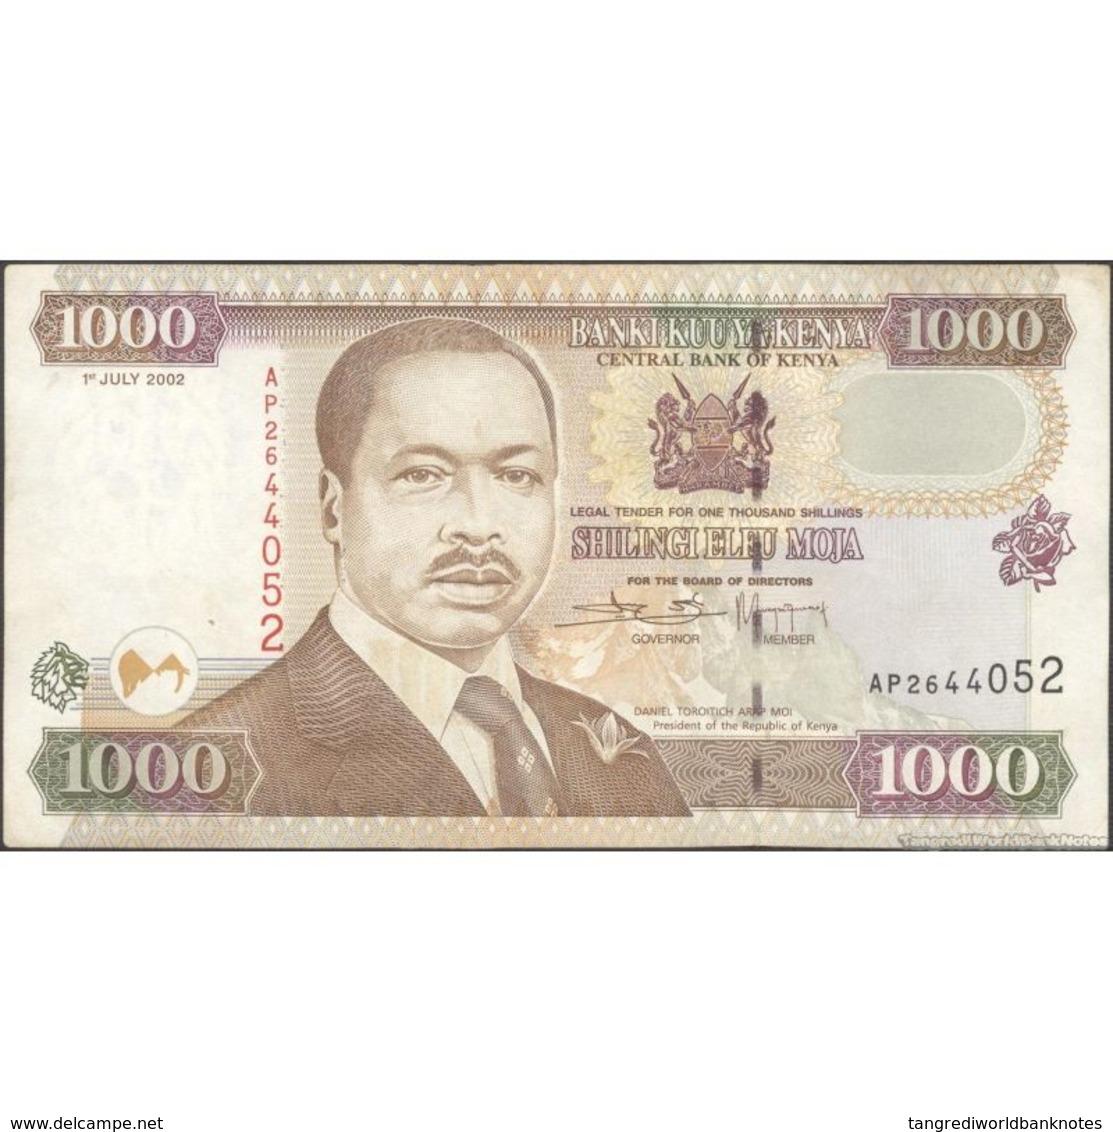 TWN - KENYA 40e - 1000 1.000 Shillings 1.7.2002 AP 2644052 VF+ - Kenya